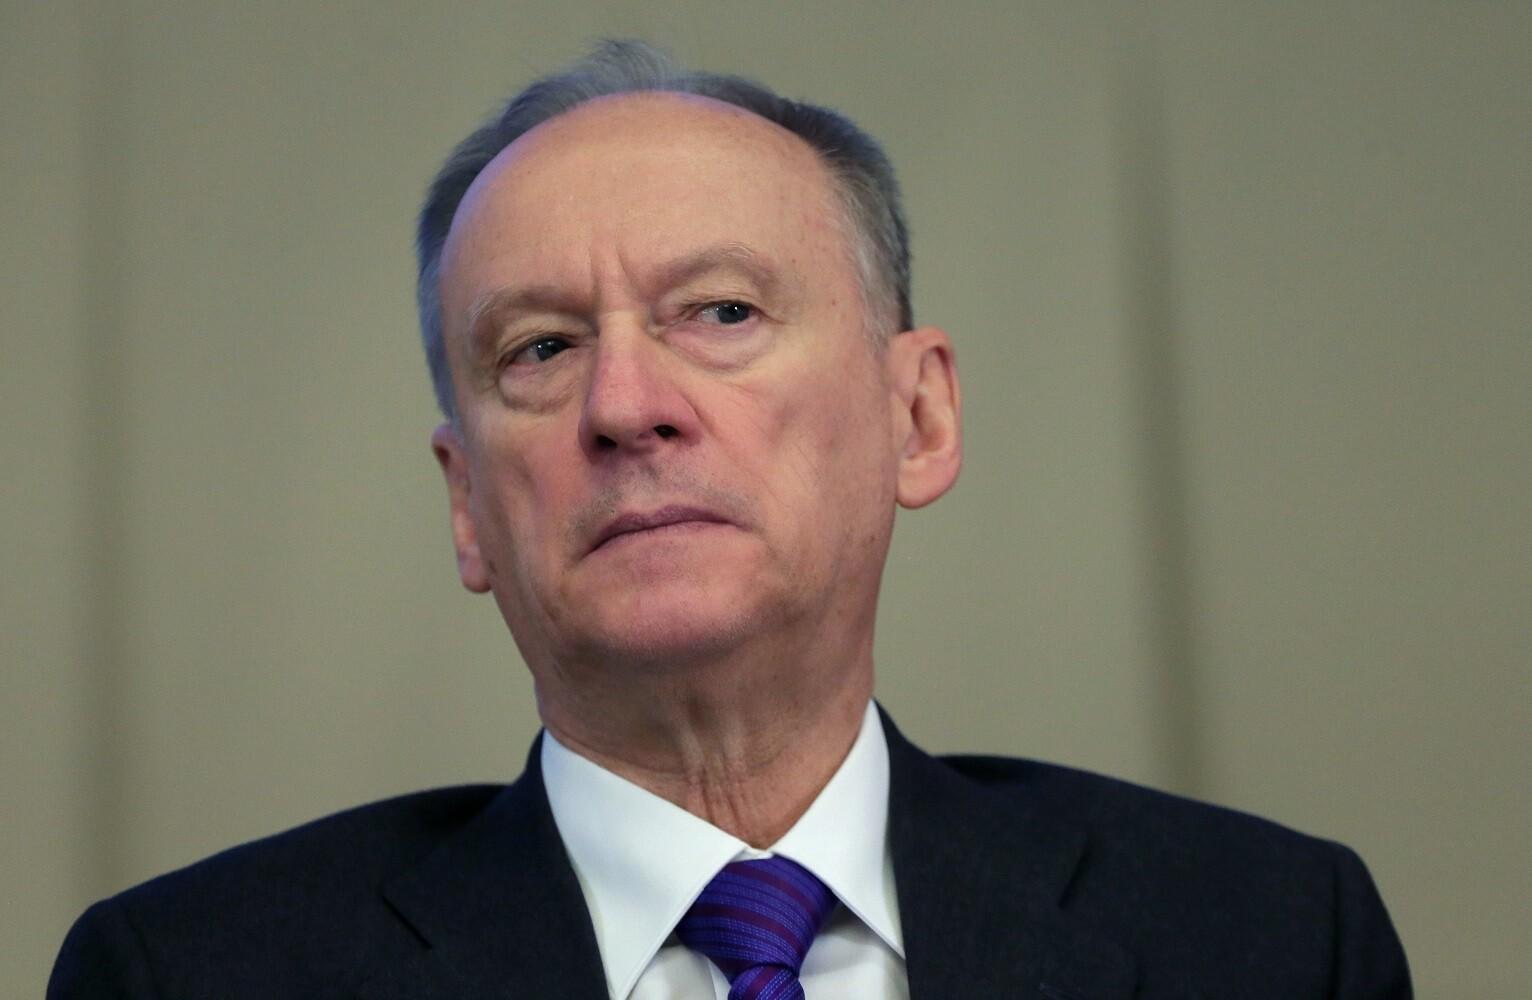 سكرتير مجلس الأمن الروسي: سياسة واشنطن تهدد بعودة عصر